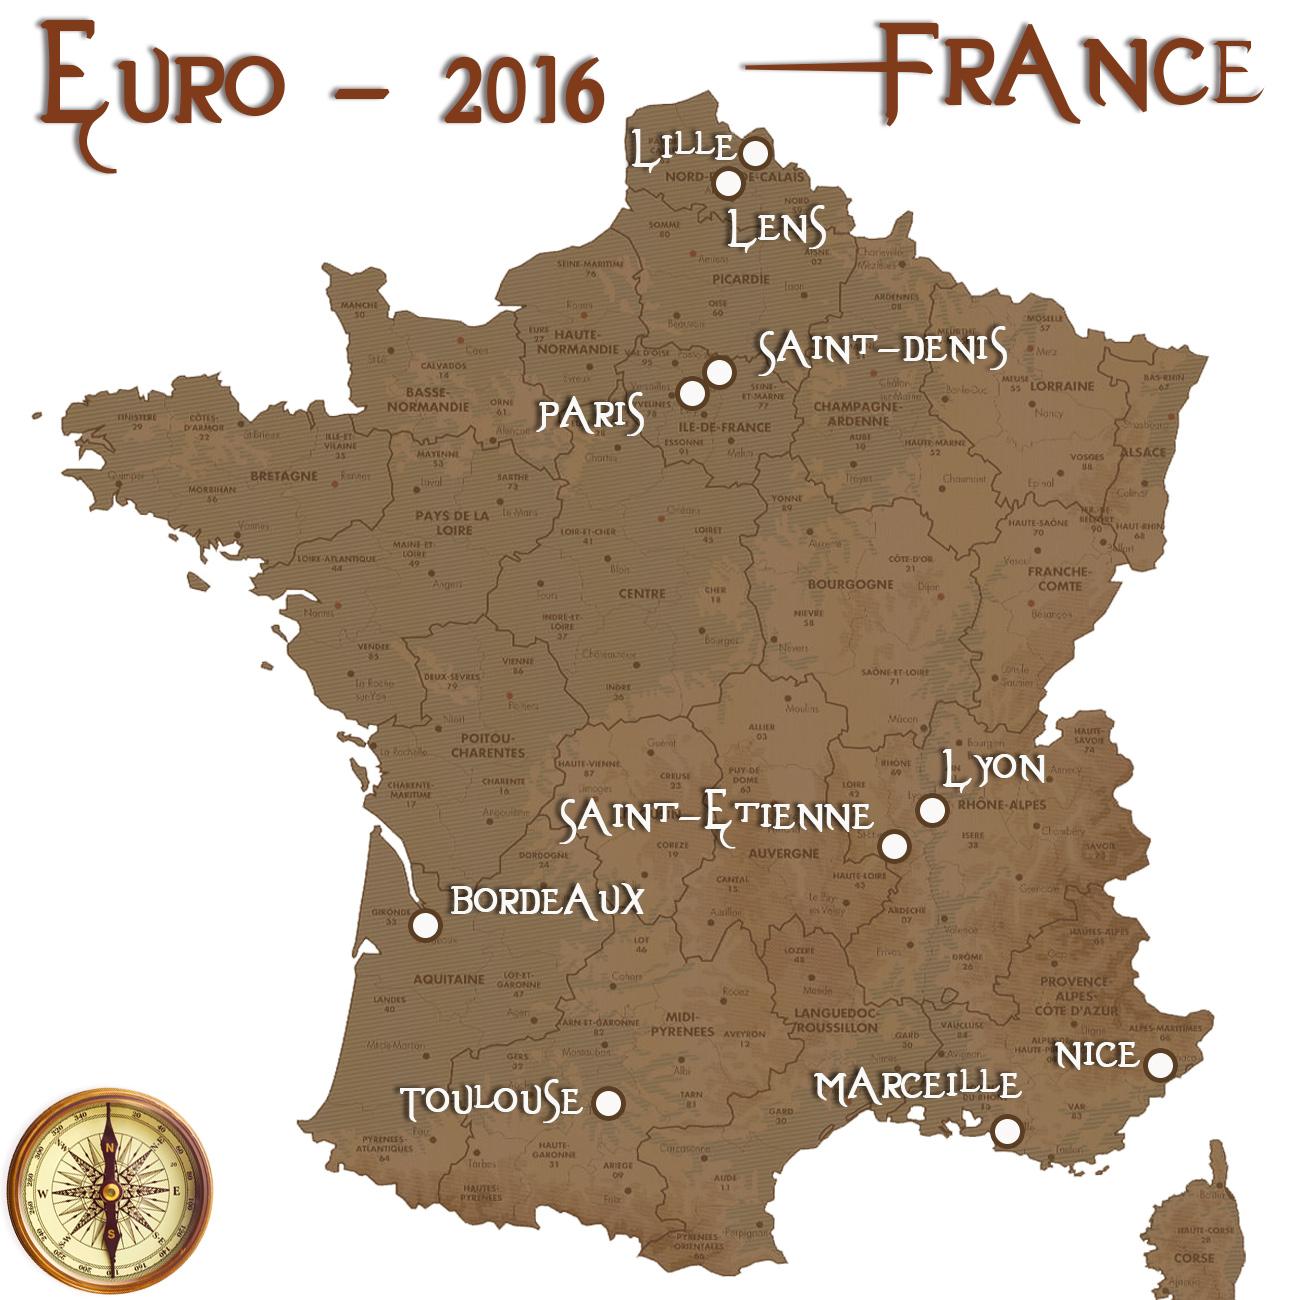 euro-2016-map